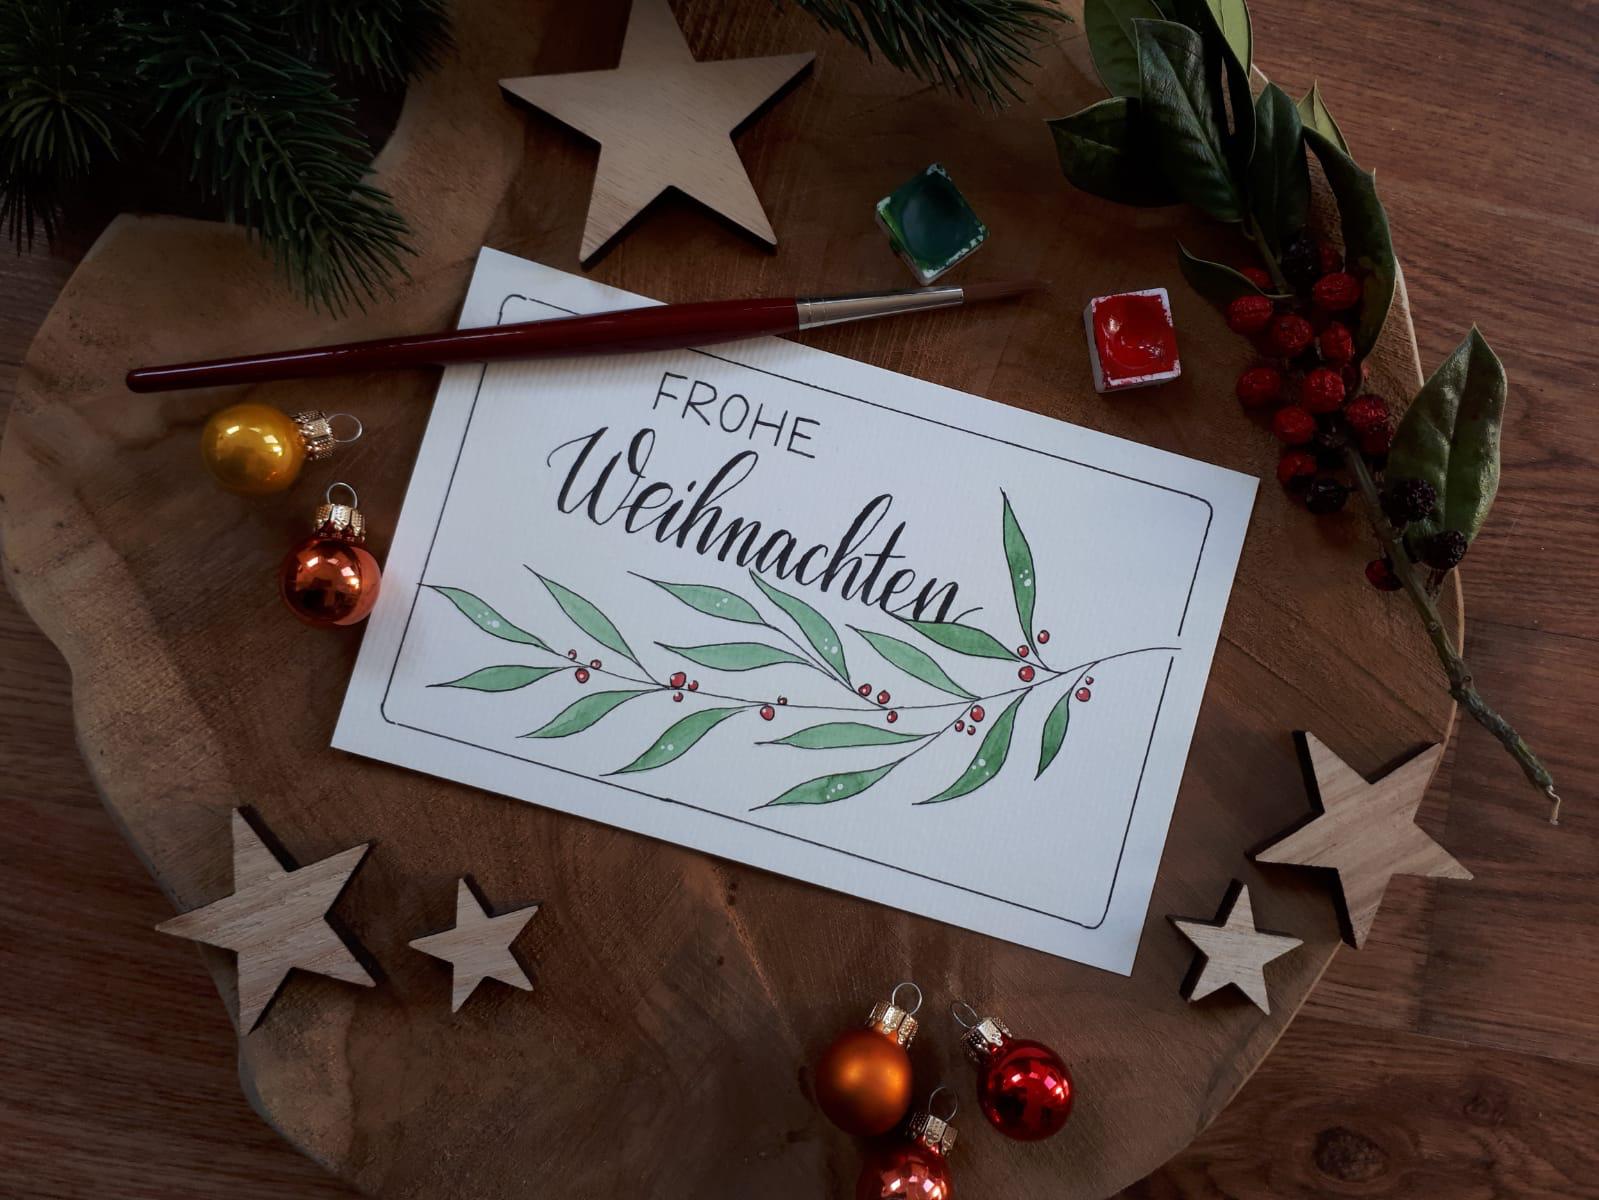 Banner 10 Weihnachten 2018